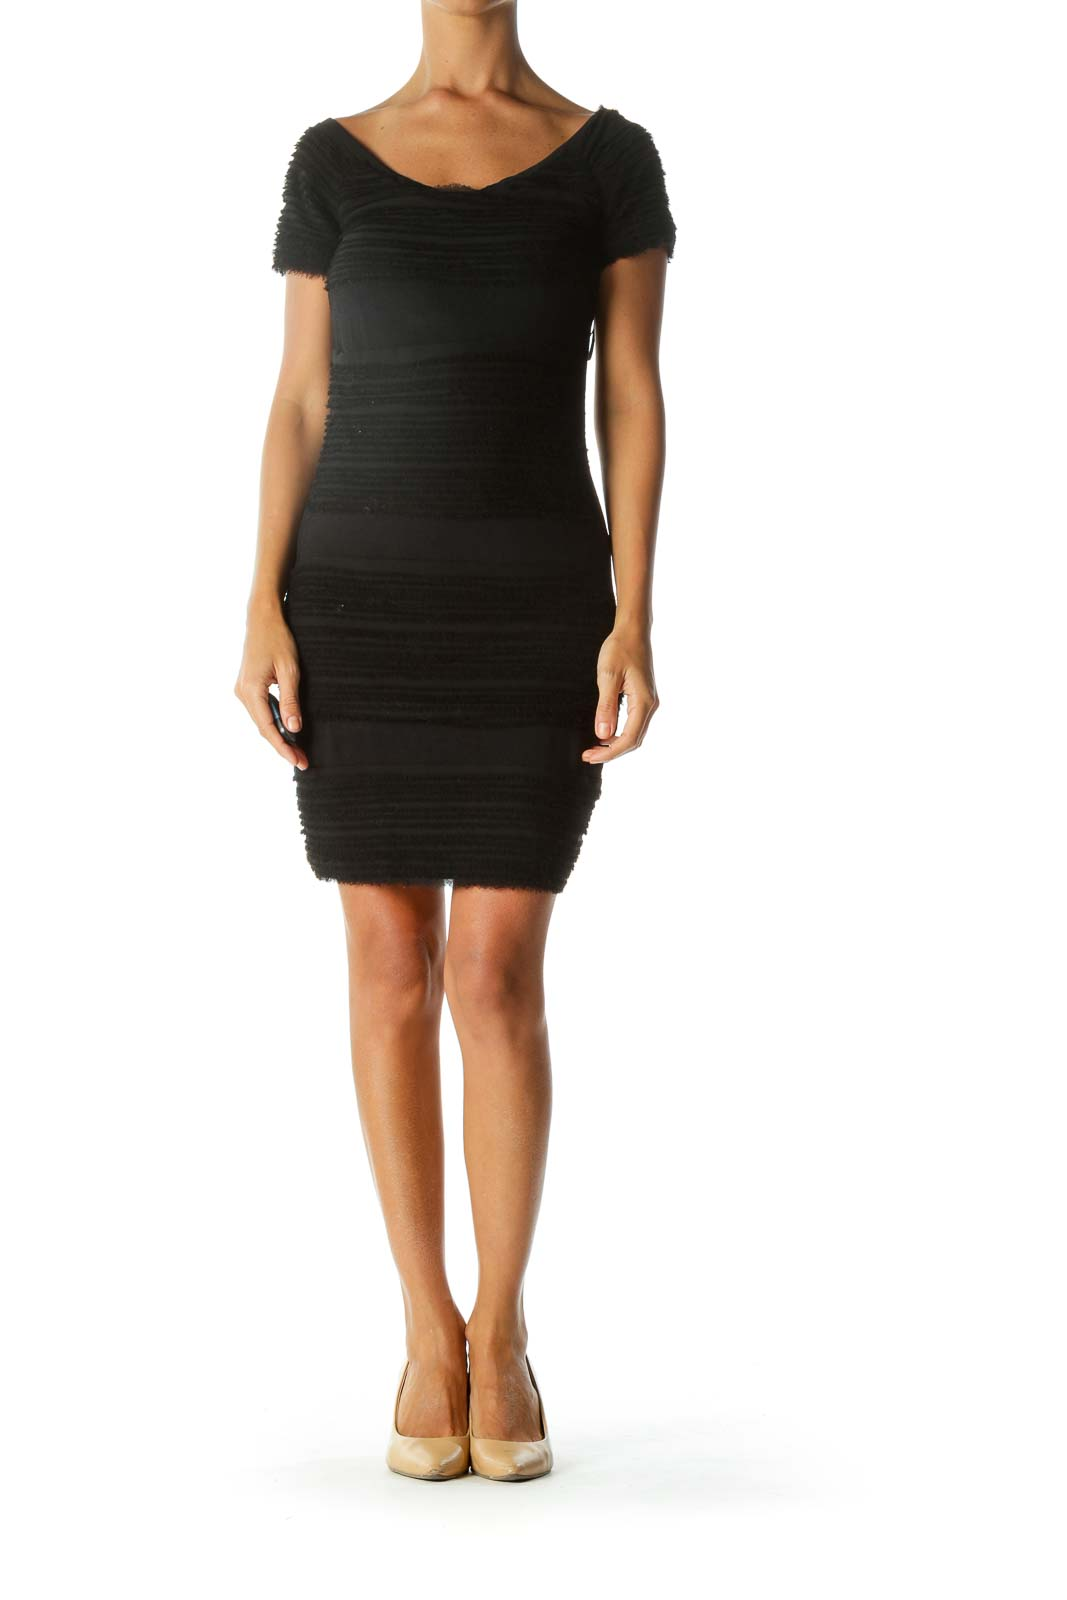 Black Textured Short Sleeve Cold-Shoulder Stretch Cocktail Dress